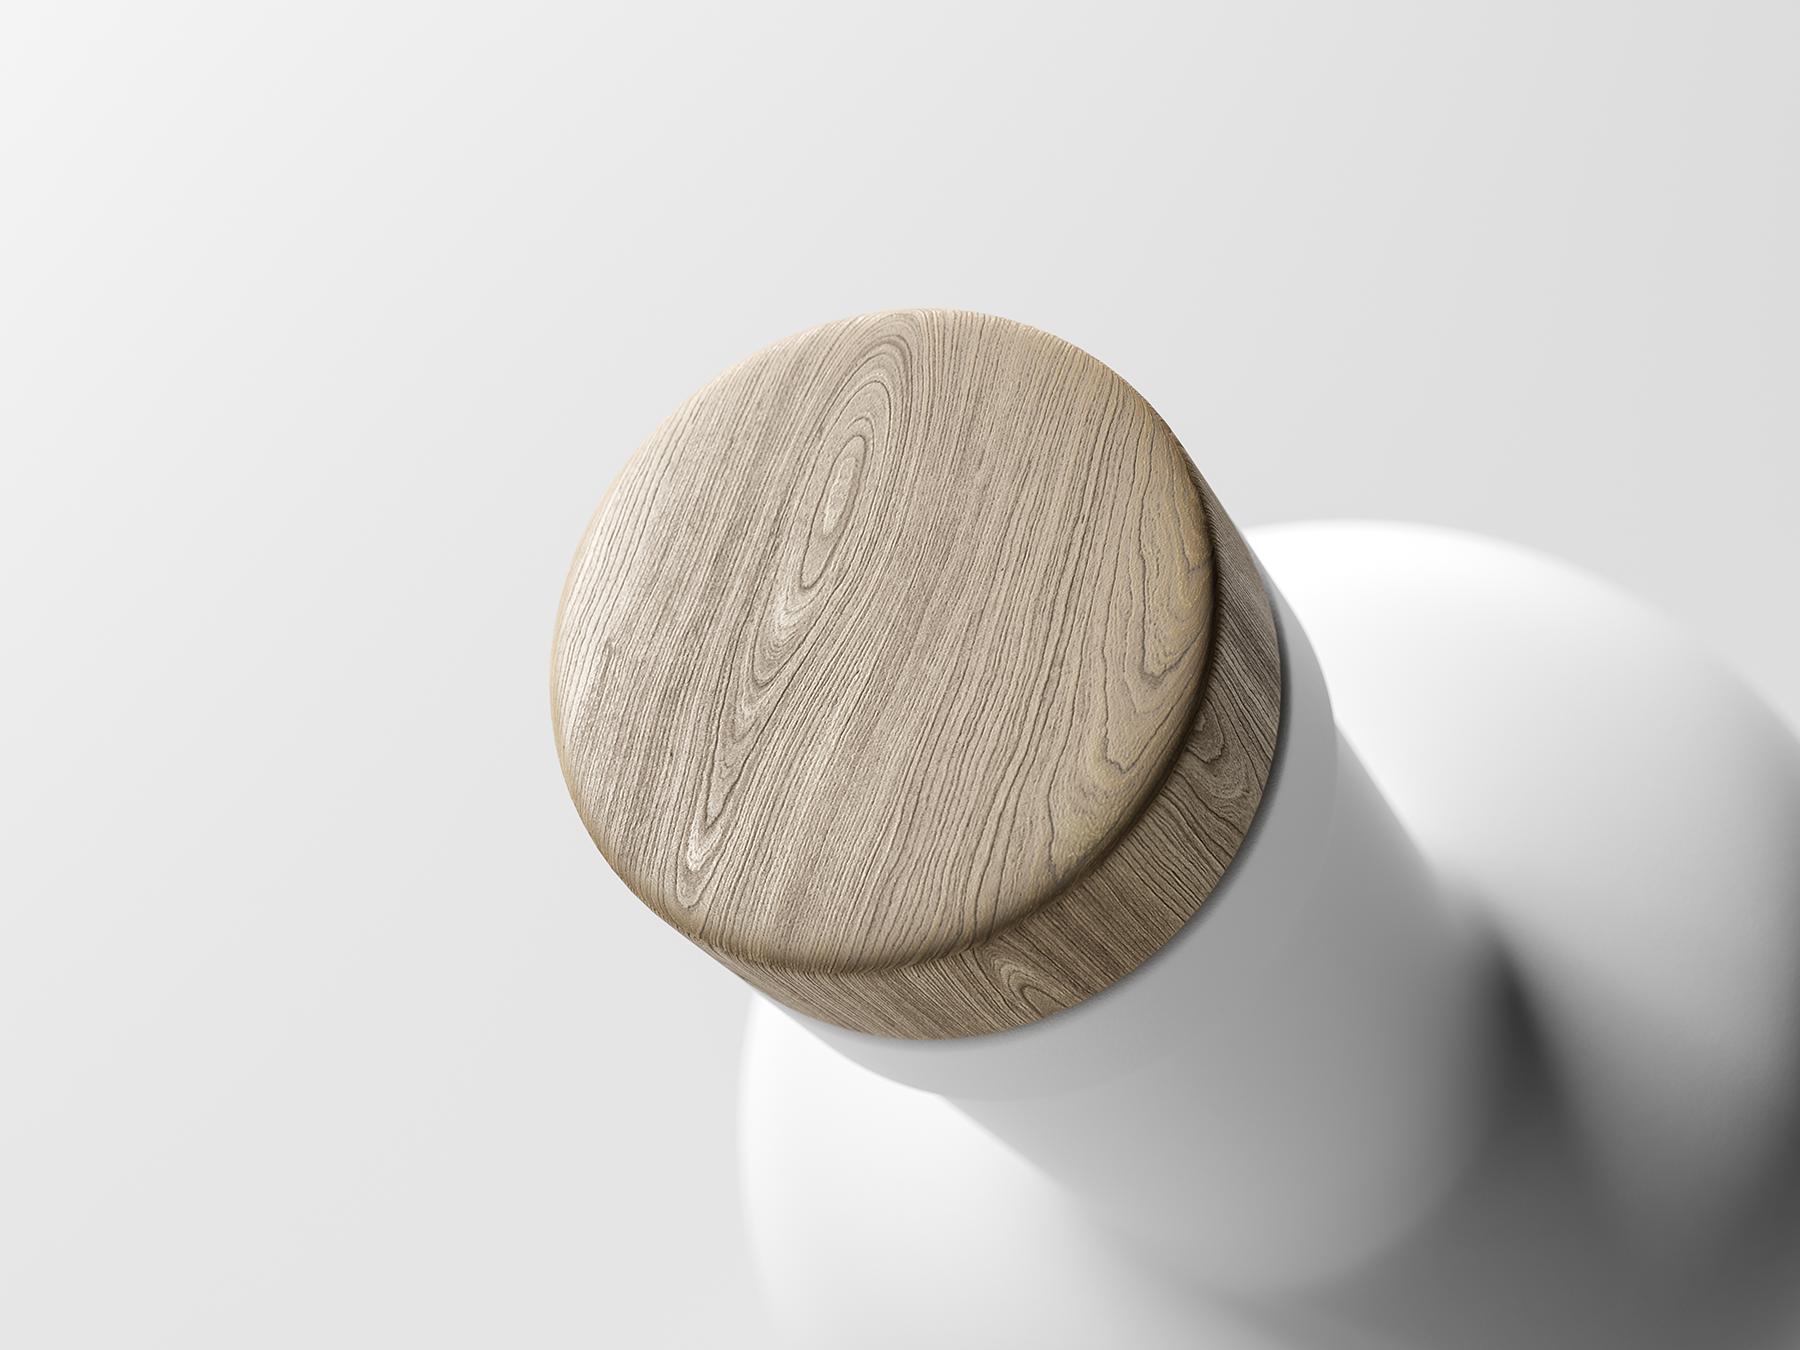 Free Wooden Bottle Cap Mockup